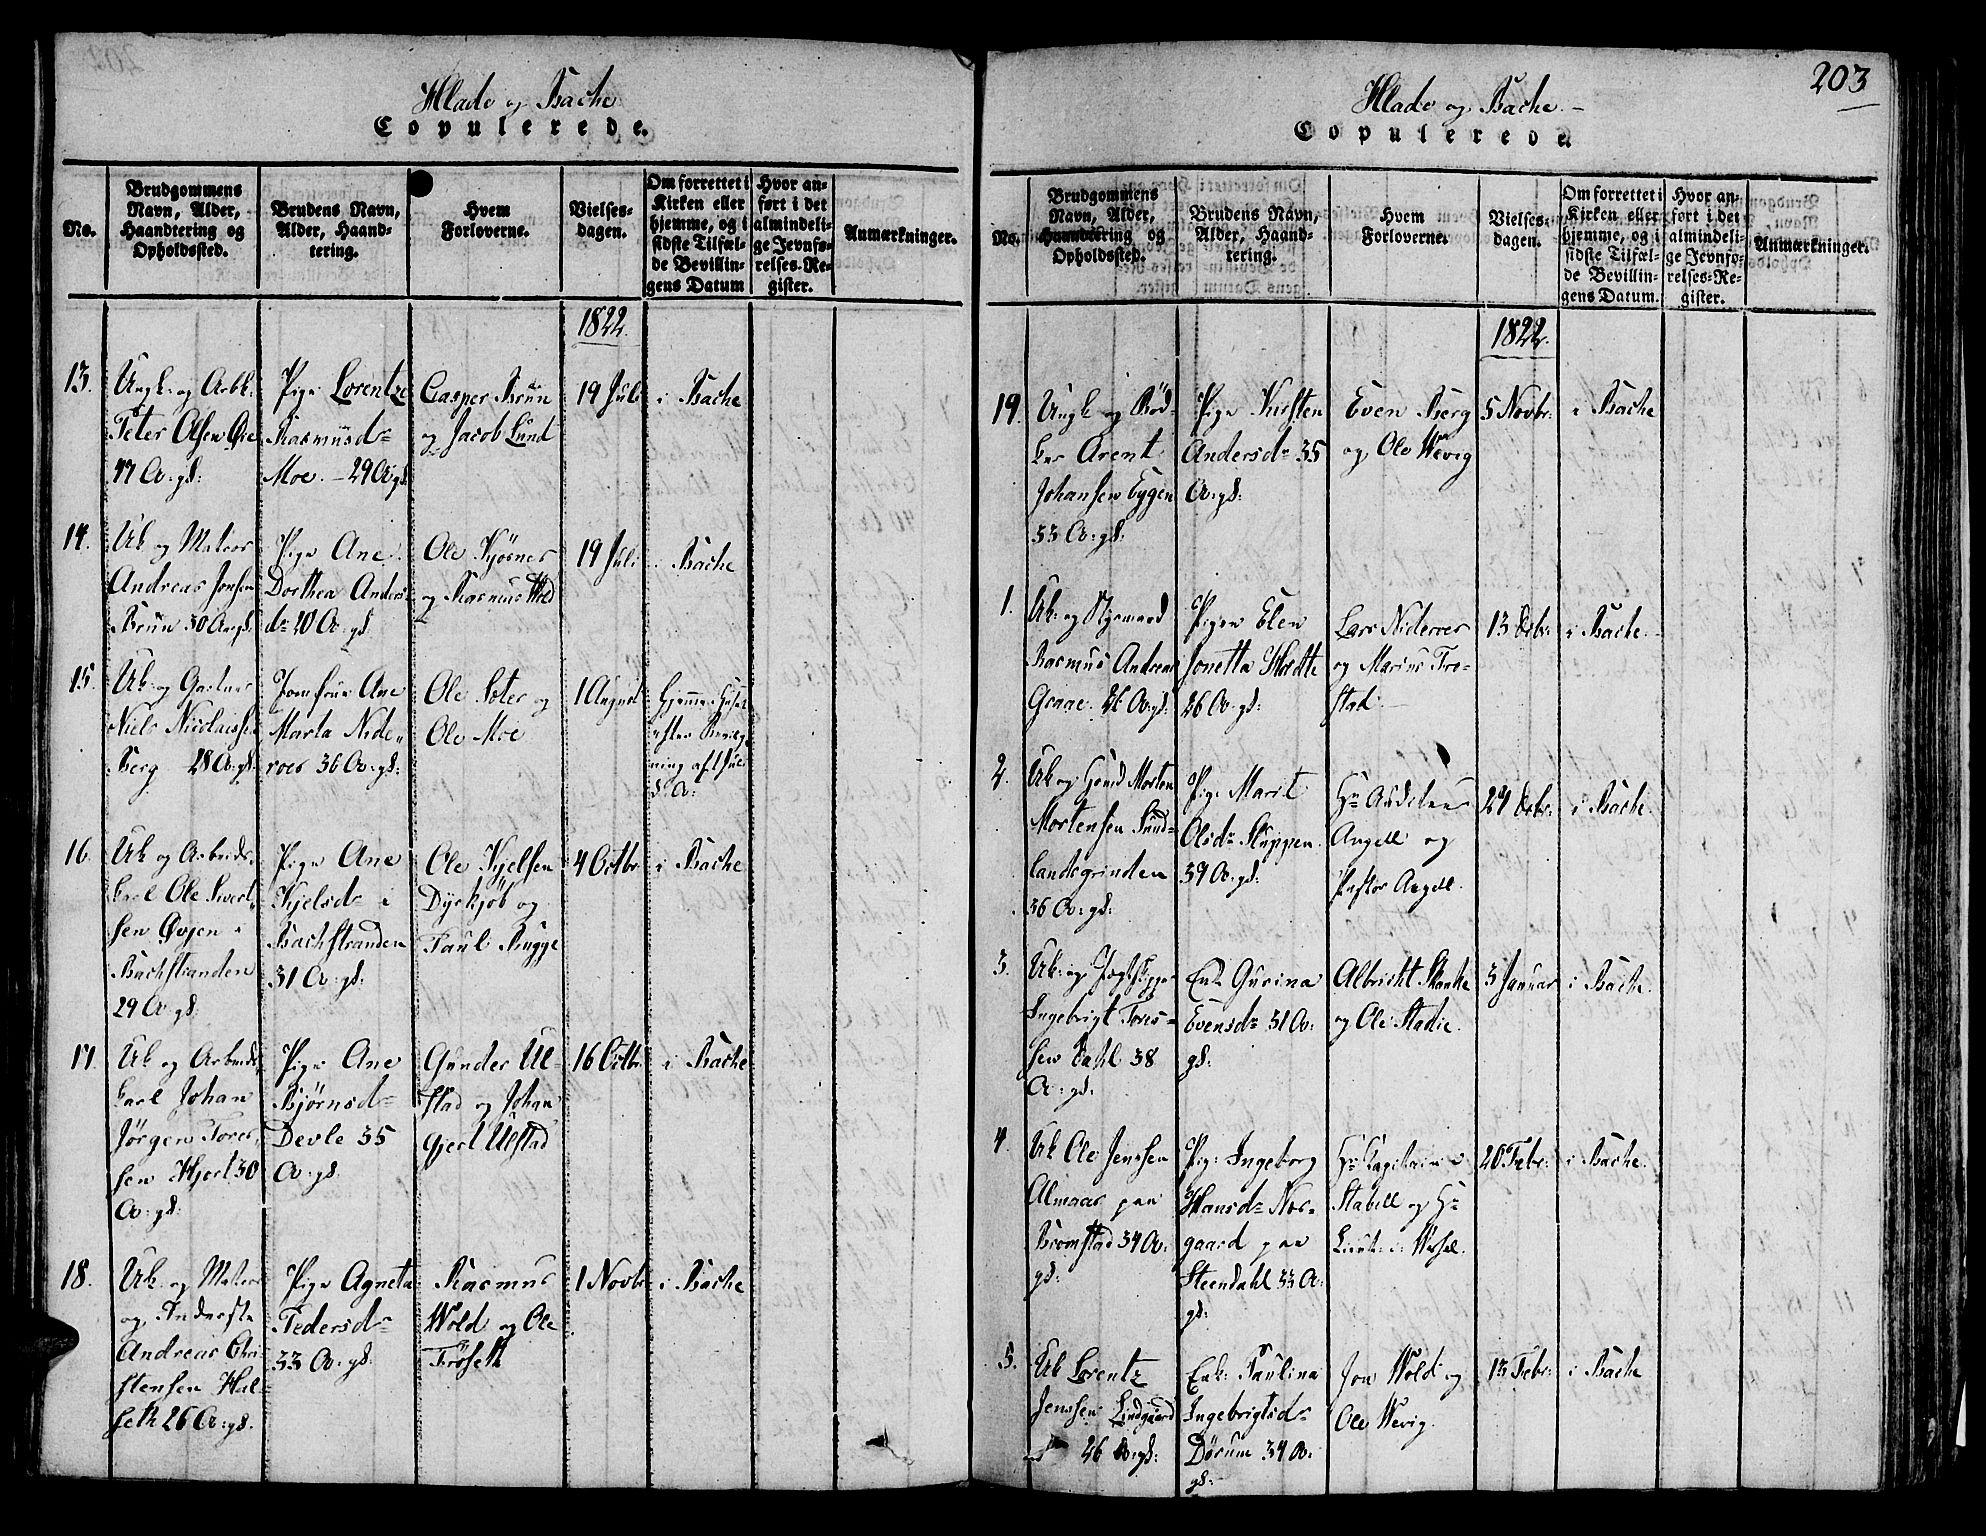 SAT, Ministerialprotokoller, klokkerbøker og fødselsregistre - Sør-Trøndelag, 606/L0283: Ministerialbok nr. 606A03 /1, 1818-1823, s. 203